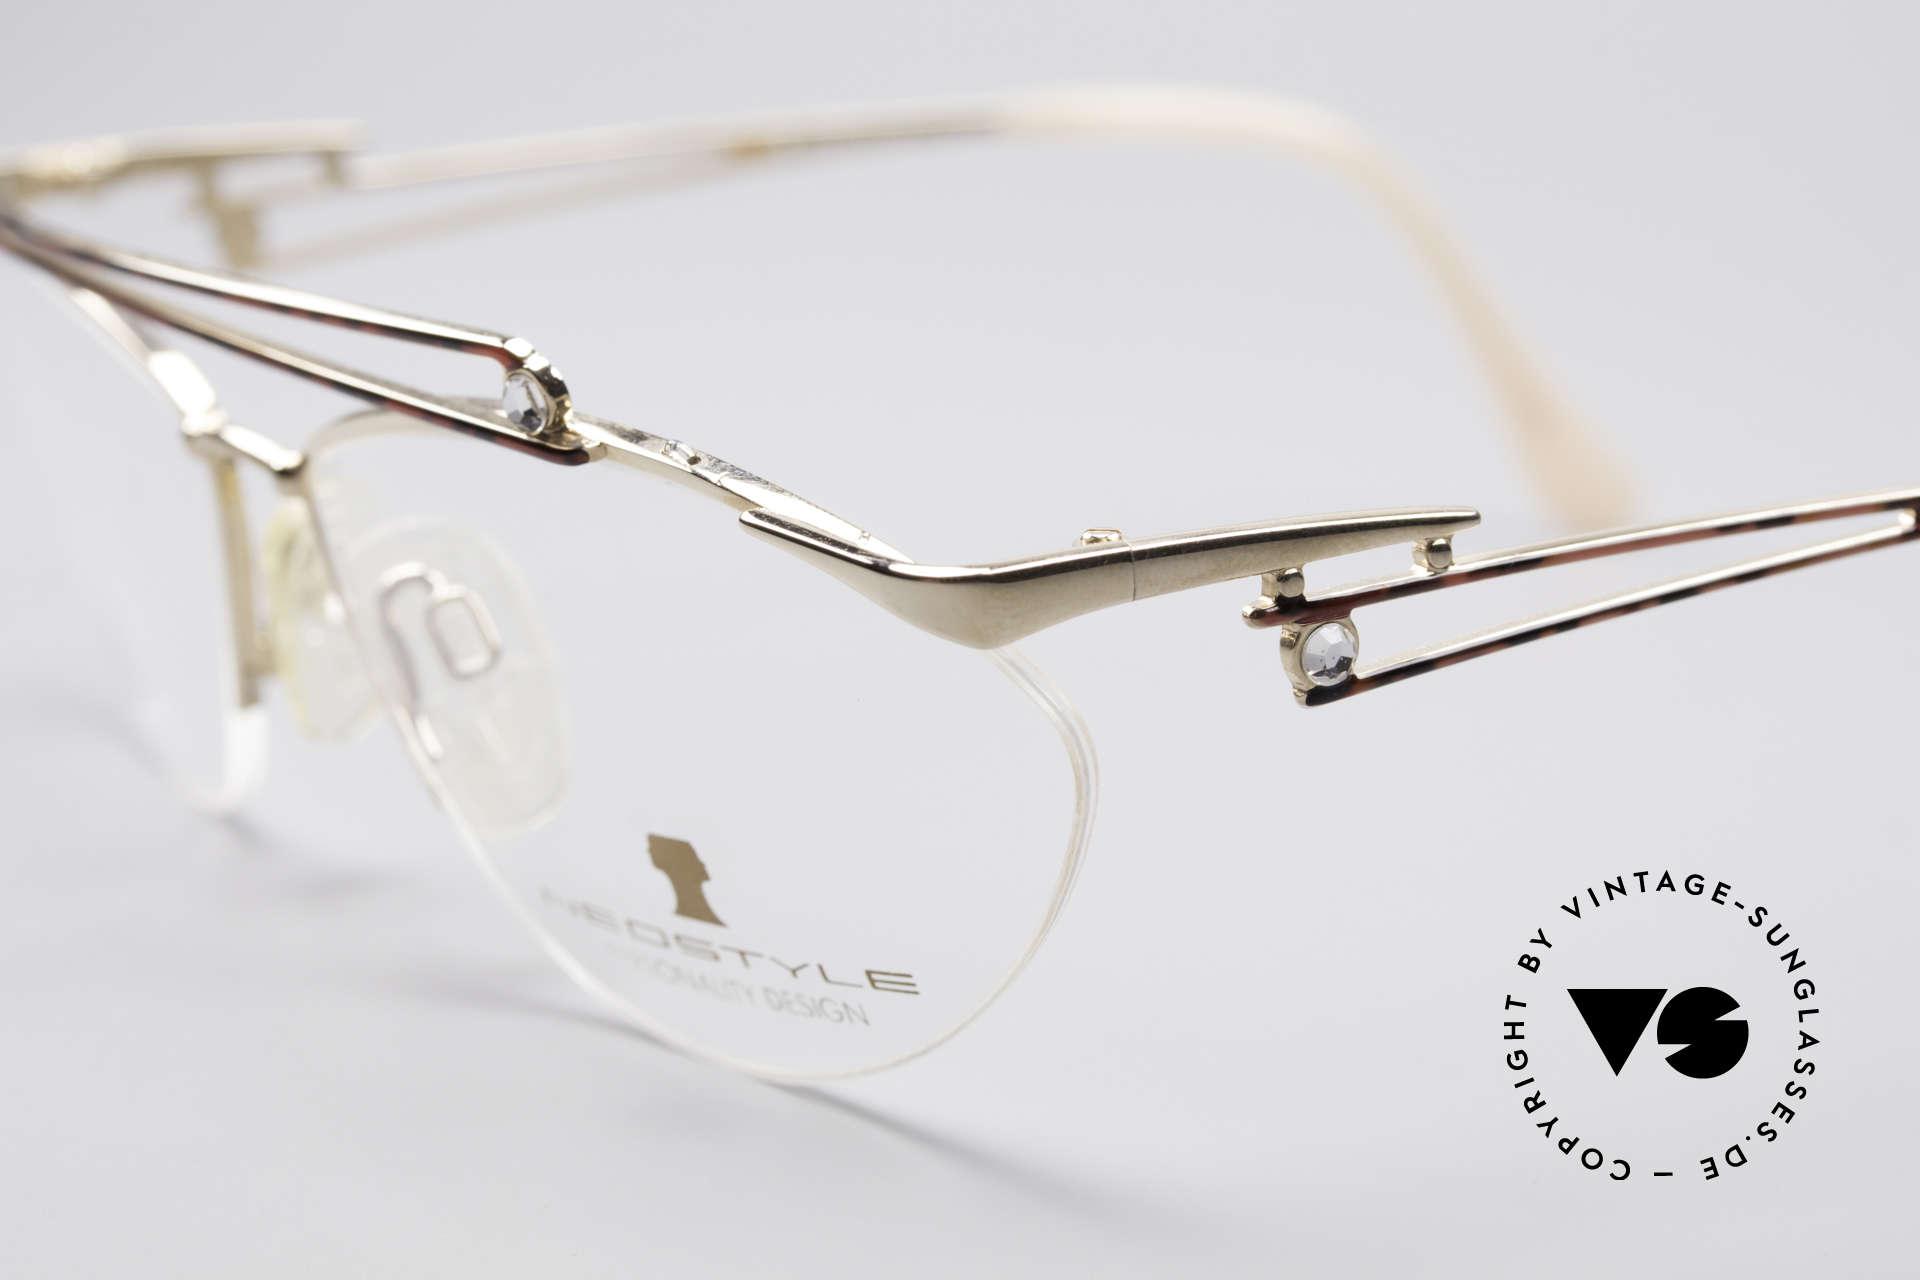 Neostyle Jet 221 Schmuckstein Vintage Brille, große, funkelnde Strass-Steine auf Front und Bügeln, Passend für Damen